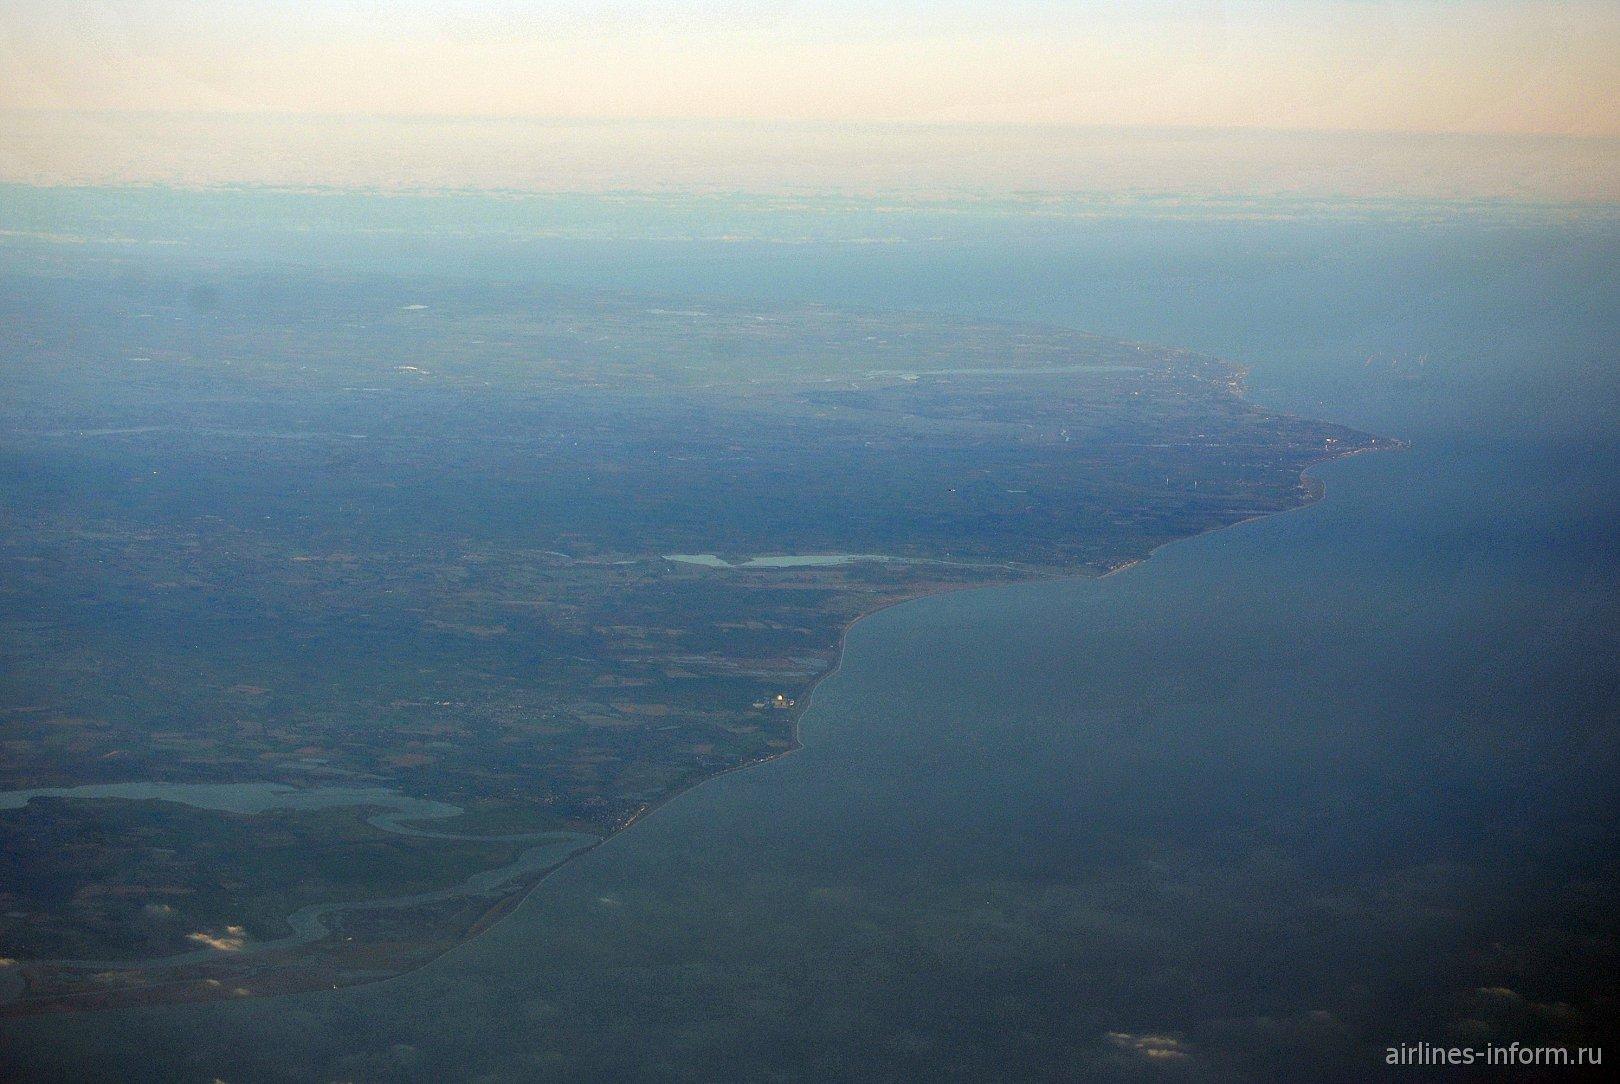 Восточная оконечность острова Великобритания